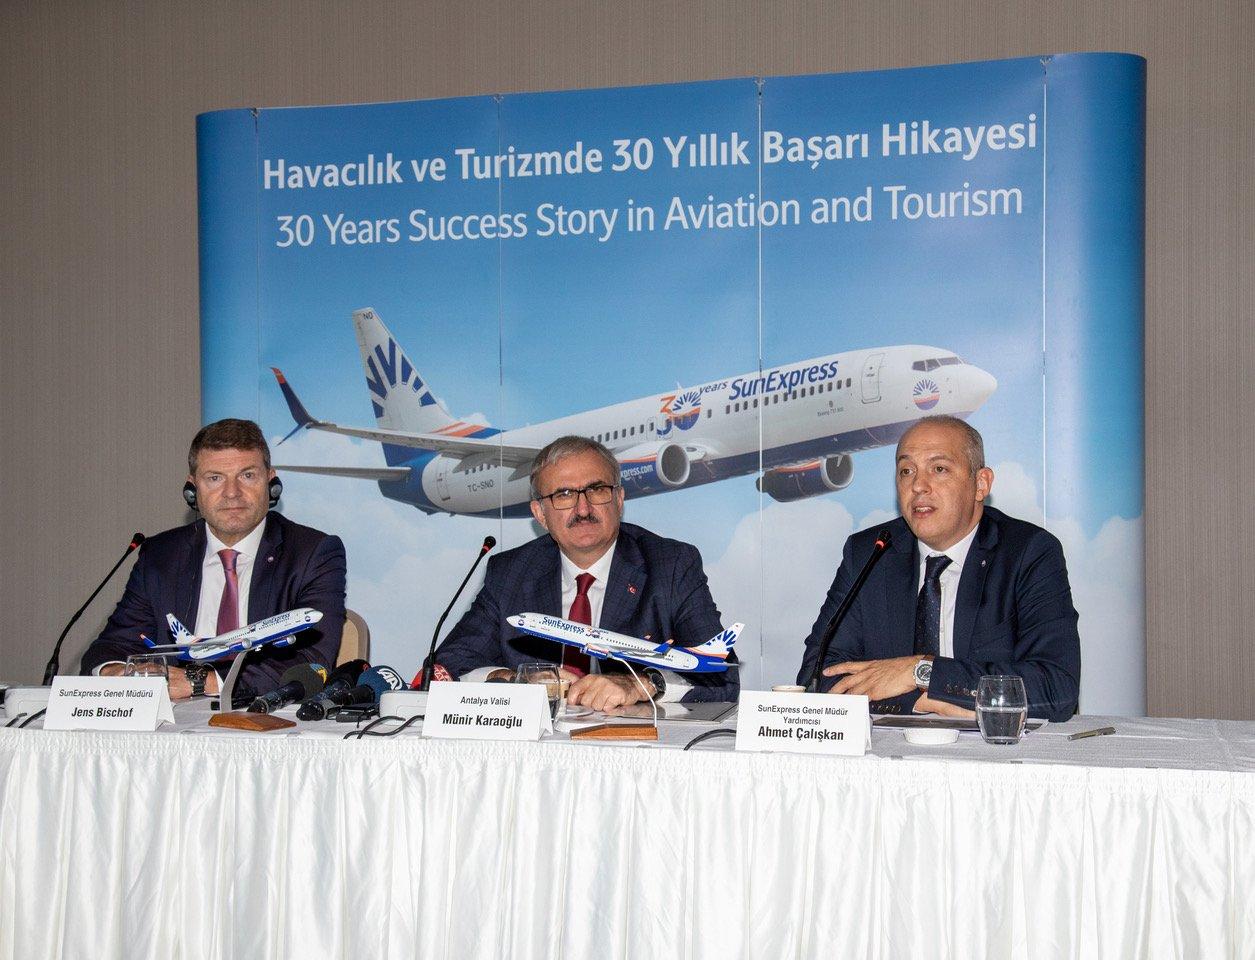 SunExpress Havacılık ve Turizmde 30 yıllık başarı öyküsü